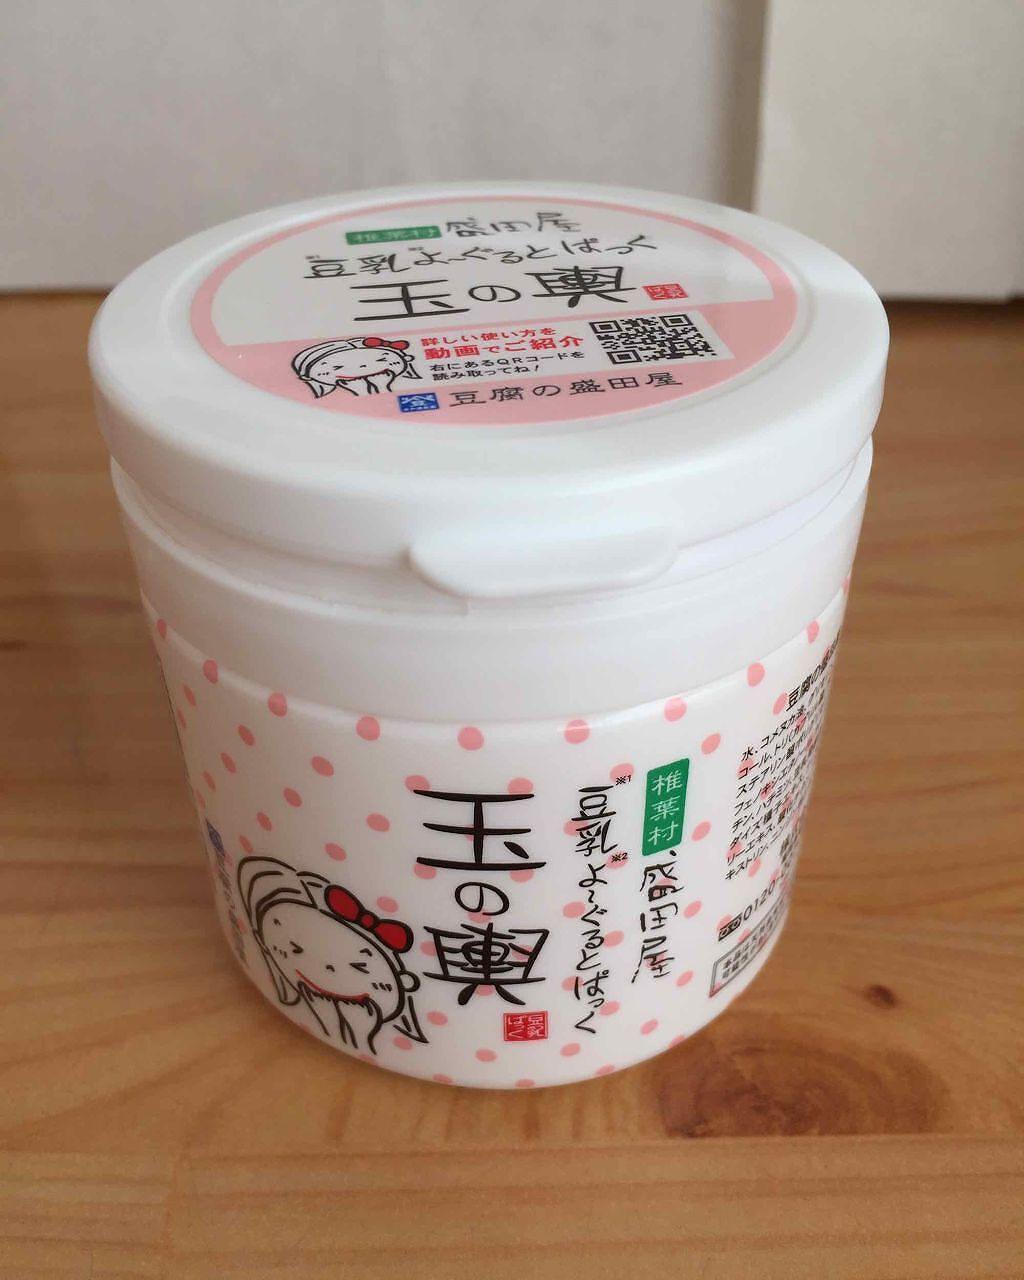 豆腐の盛田屋の洗い流すパック・マスク 豆乳よーぐるとぱっく玉の輿を使ったクチコミ(1枚目)